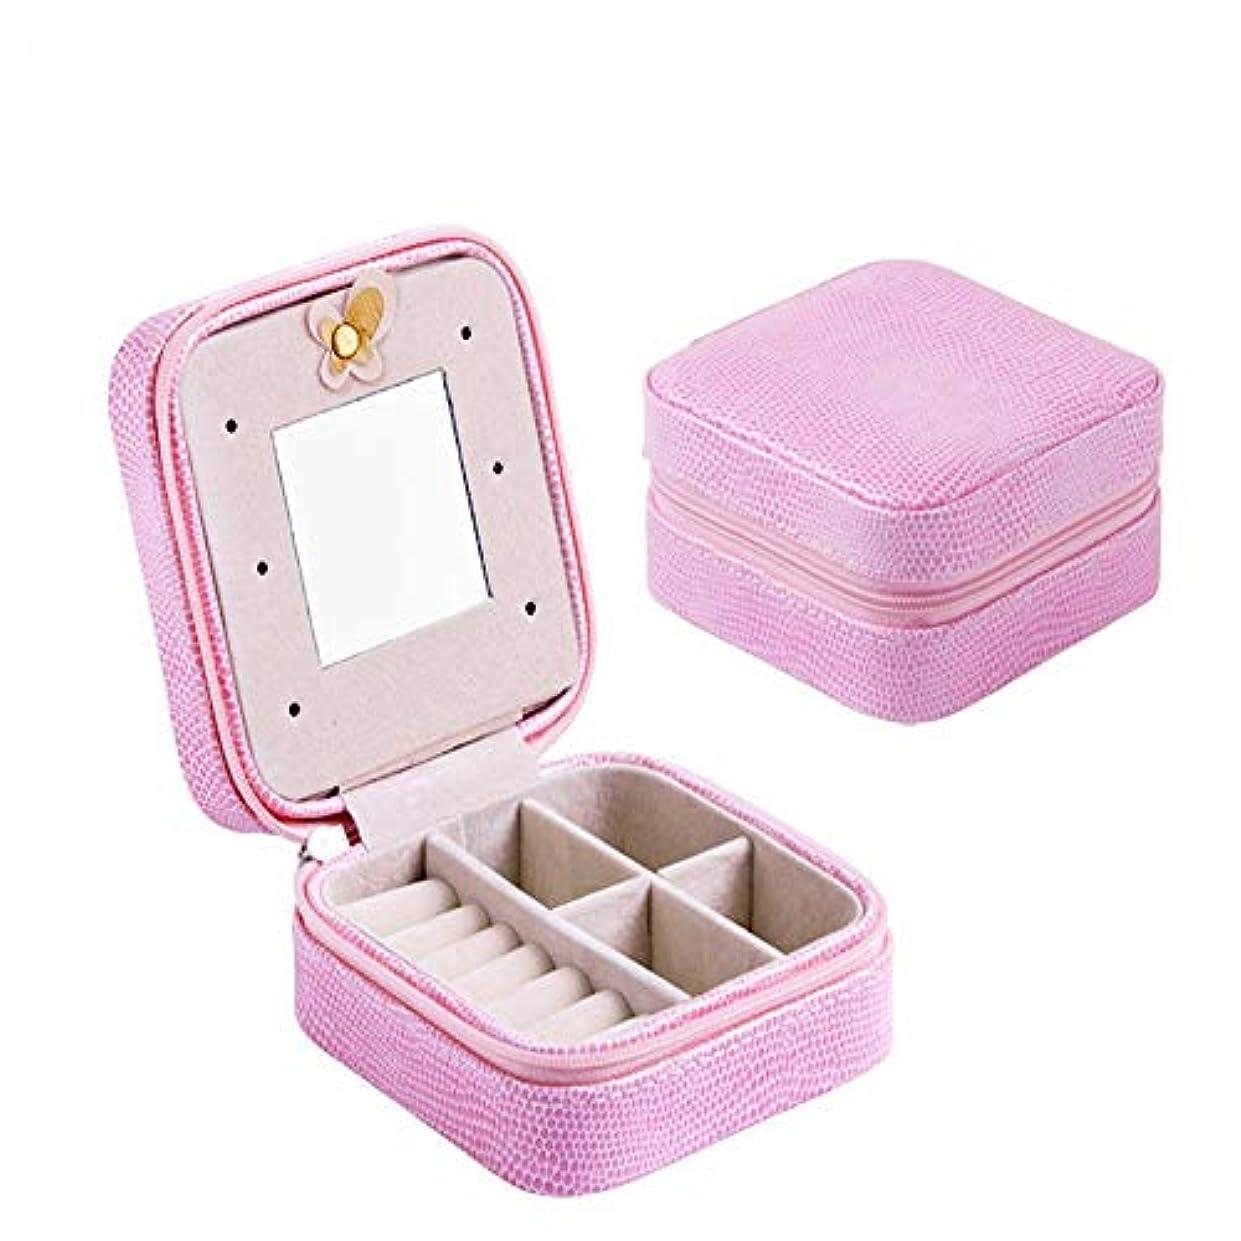 風刺候補者適合する化粧オーガナイザーバッグ 小さなアイテムのストレージのための丈夫な女性のジュエリーの収納ボックス 化粧品ケース (色 : C5)